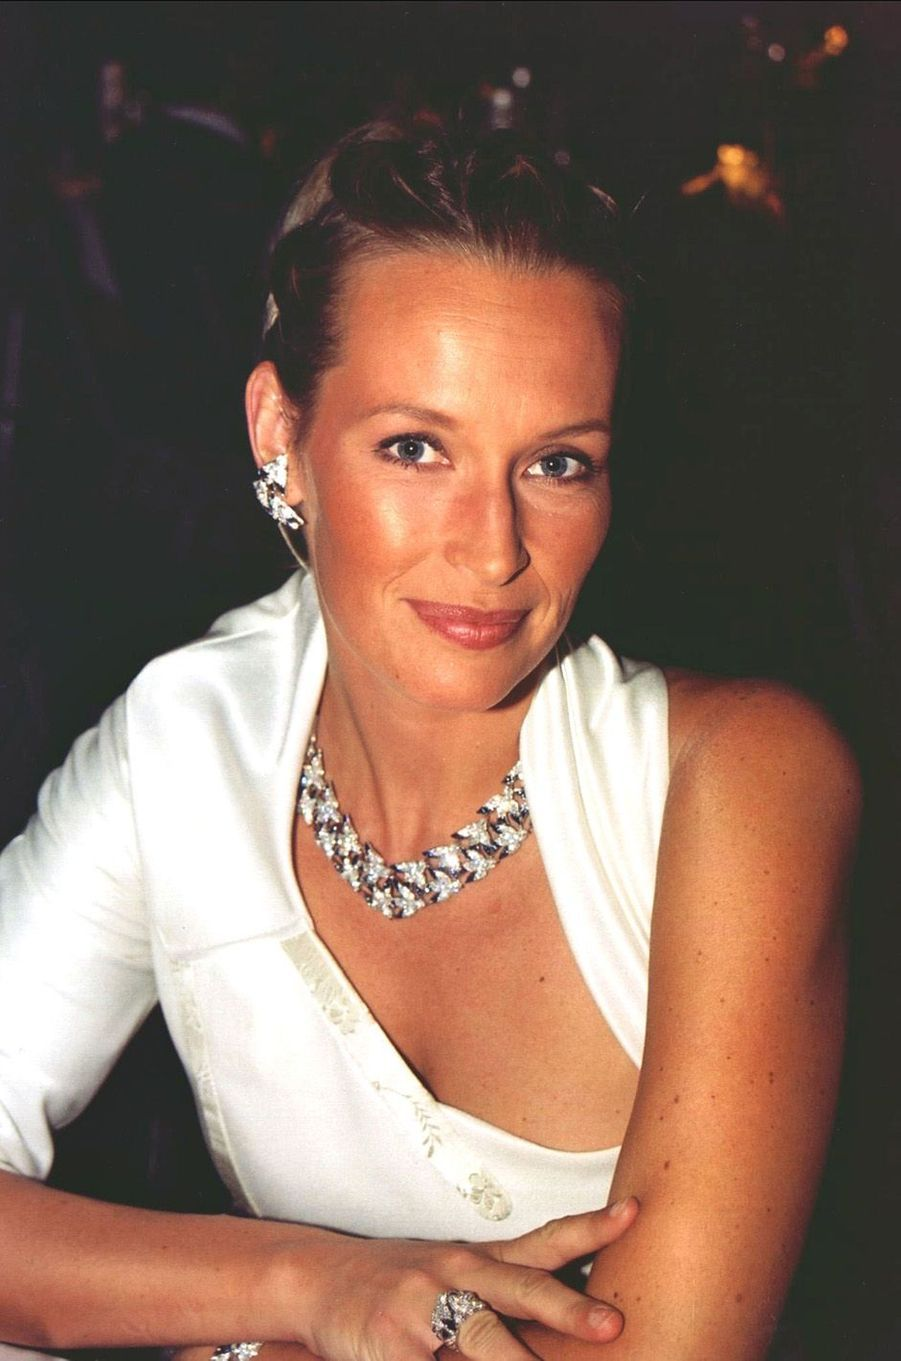 Estelle à Monaco en 2000